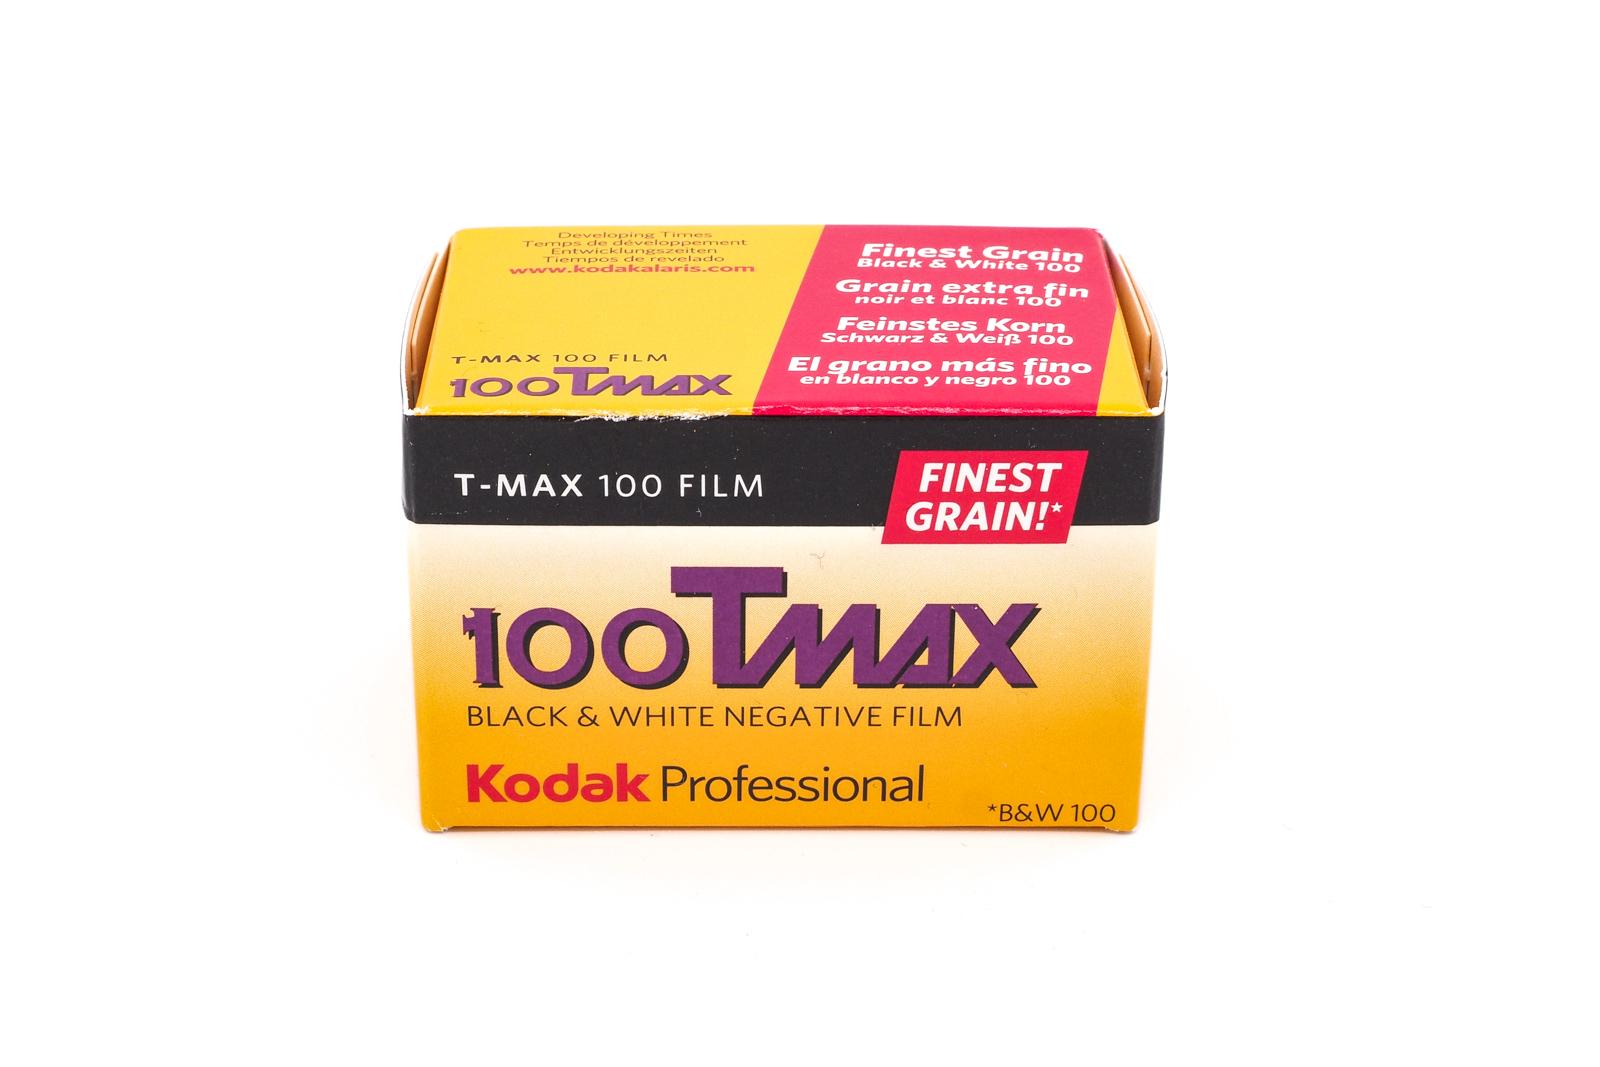 Kodak Tmax 100